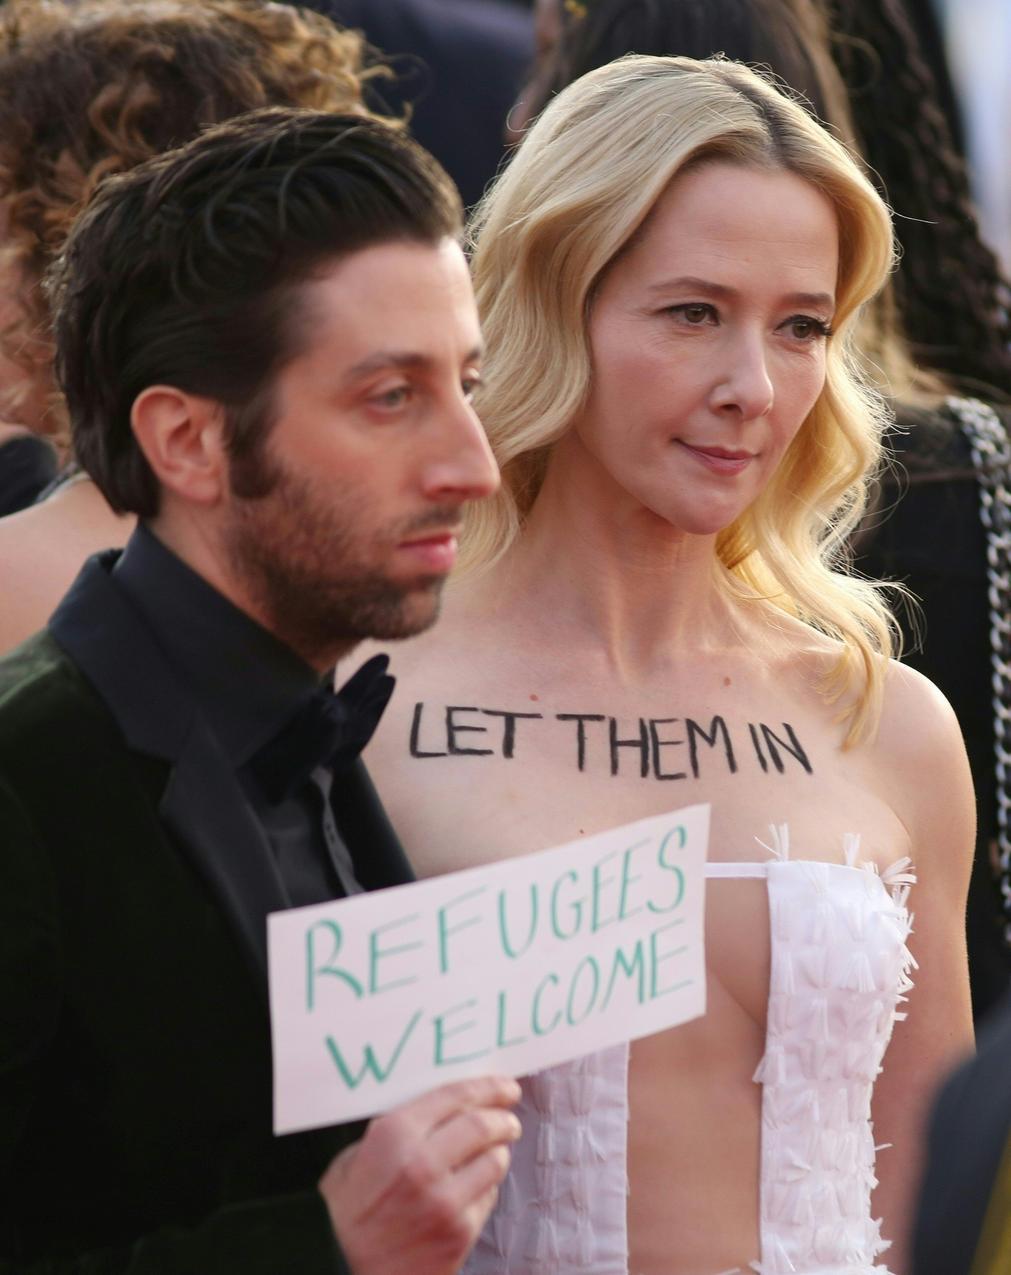 Gwiazdy protestują przeciwko polityce Trumpa